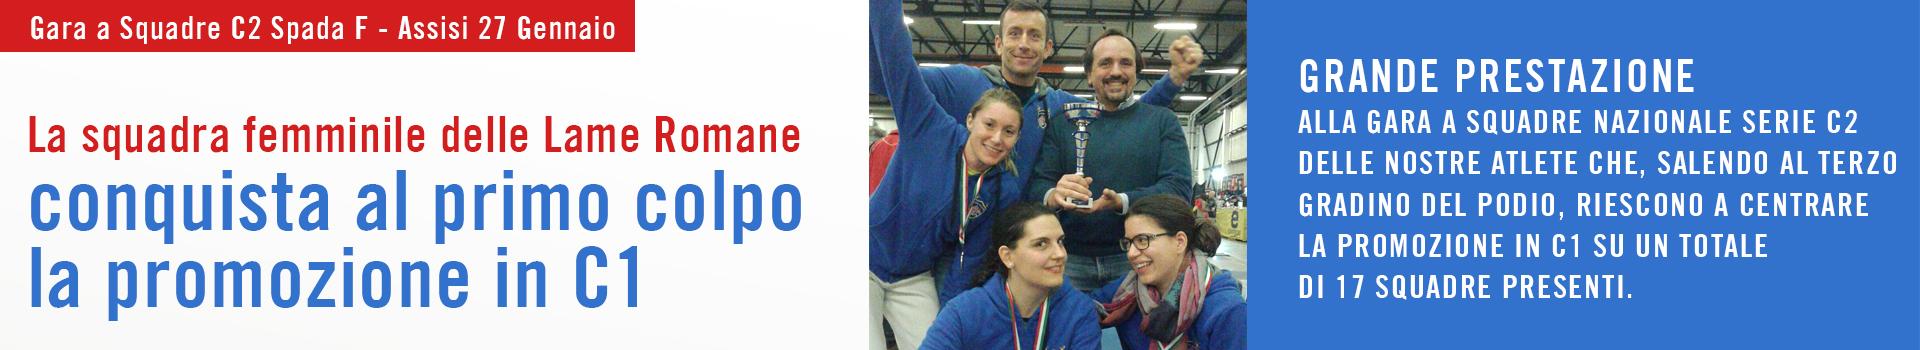 Promossa in C1 la squadra femminile Lame Romane